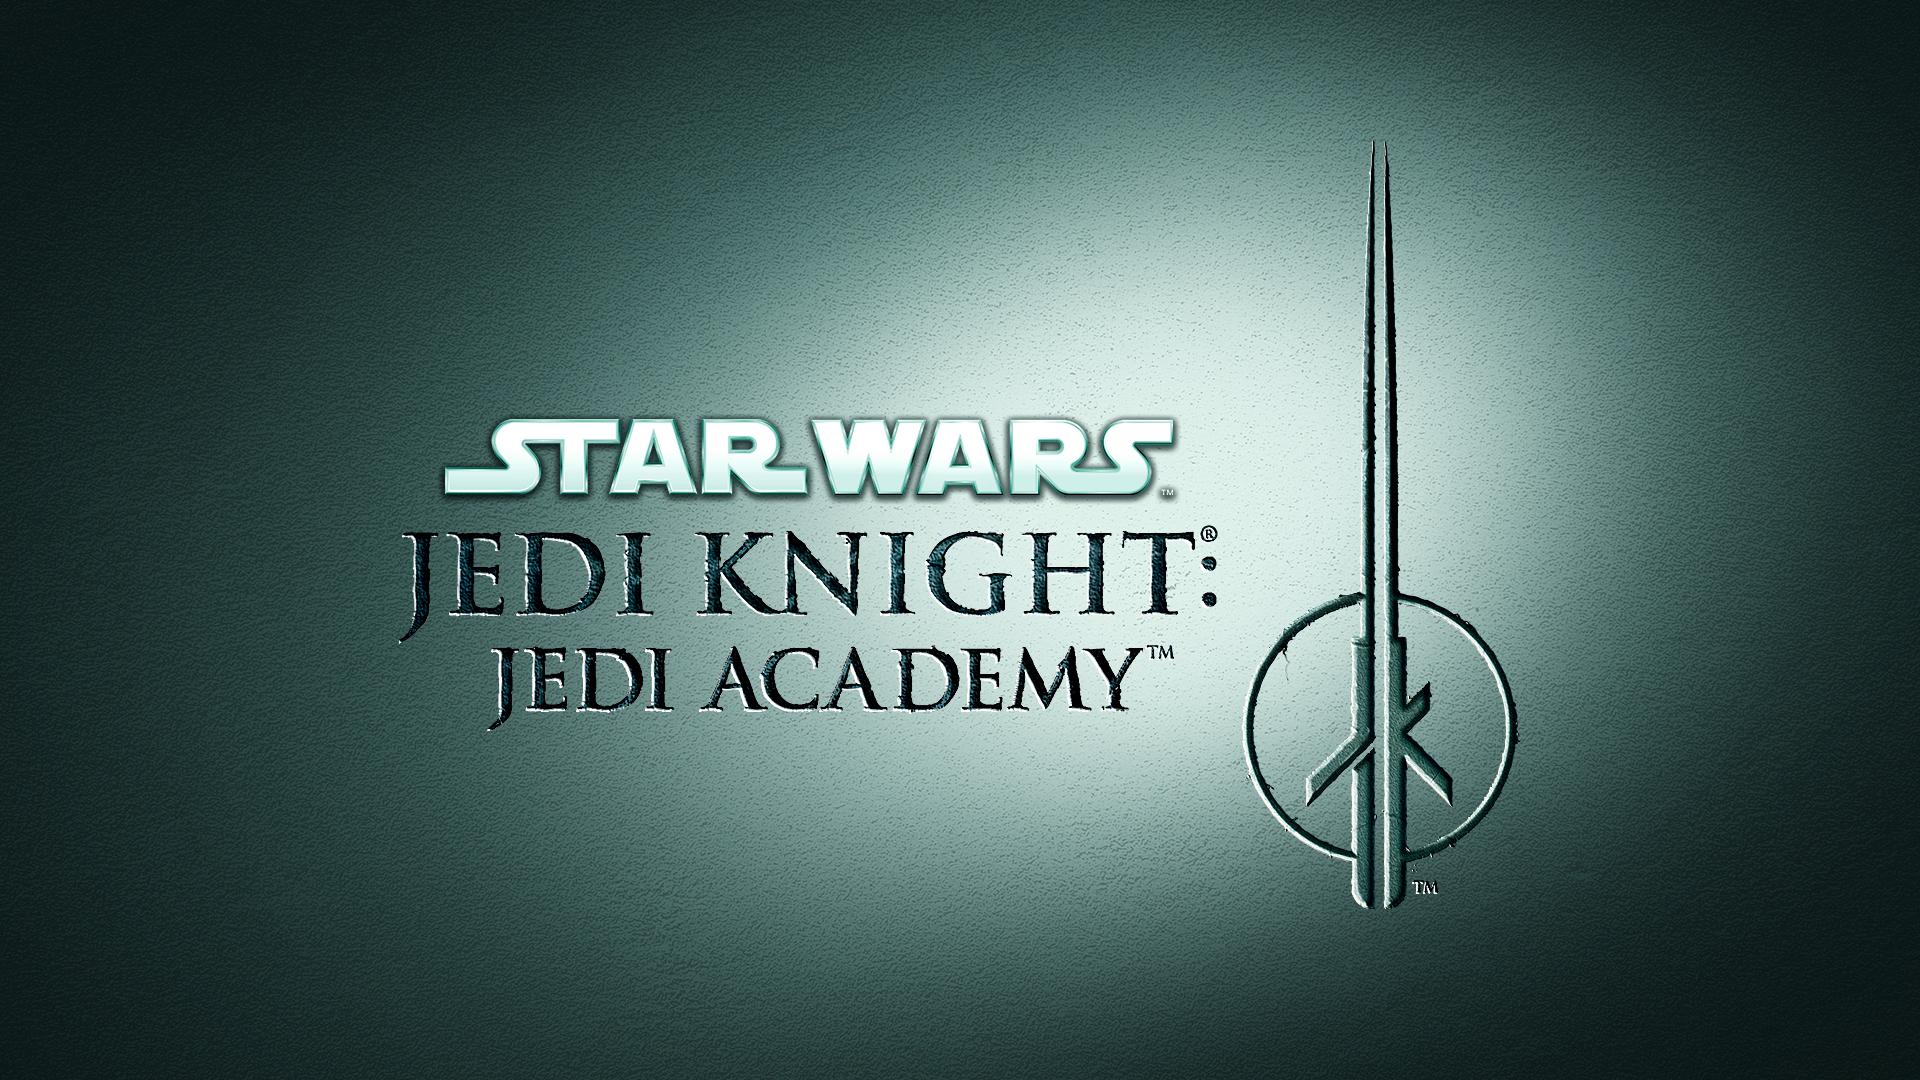 STAR WARS Jedi Knight II: Jedi Outcast ($4.99) and Jedi Knight: Jedi Academy ($9.99) for Nintendo Switch